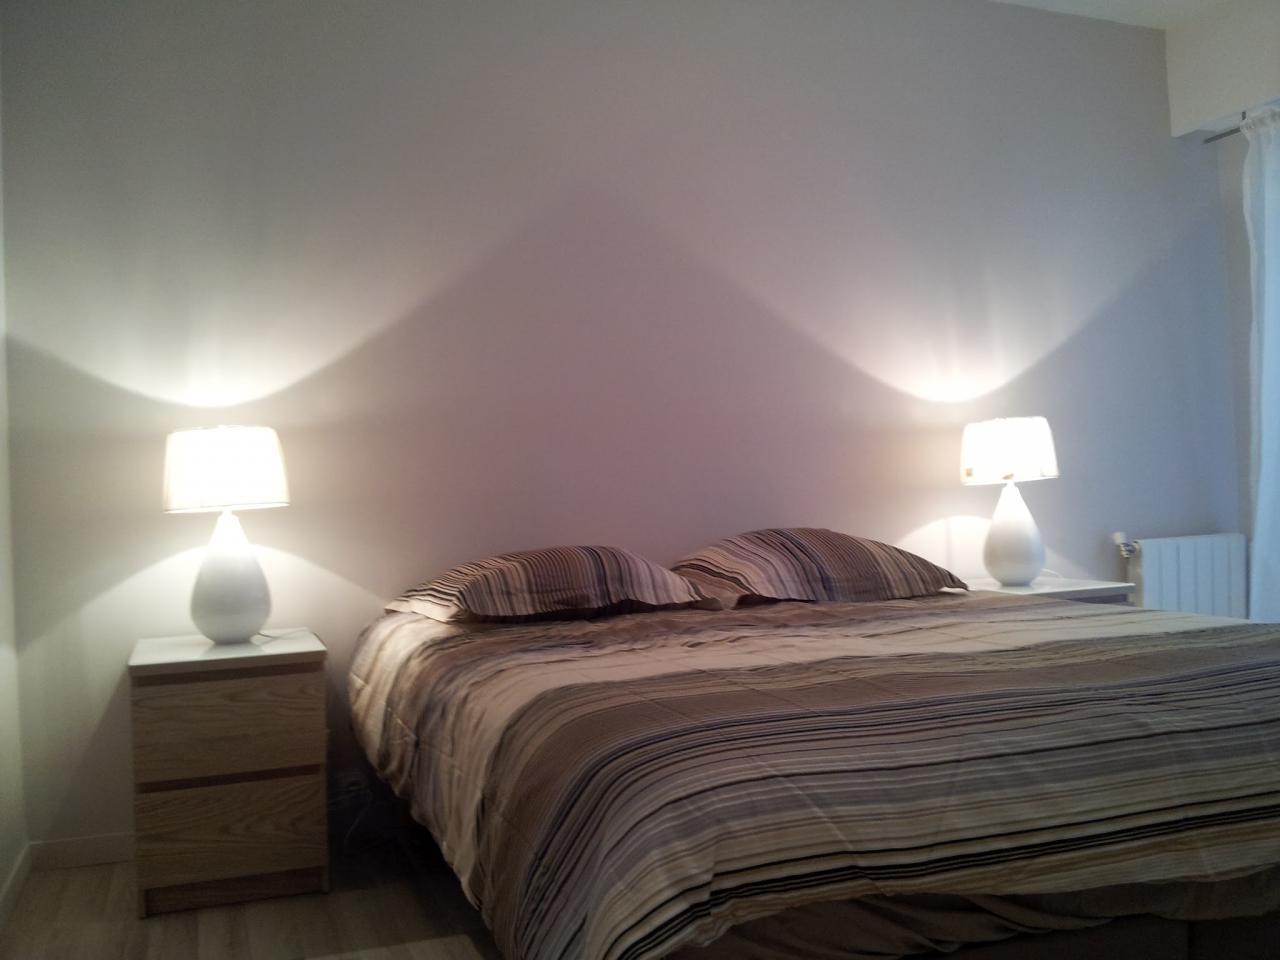 Chambre 2 : lumière tamisée